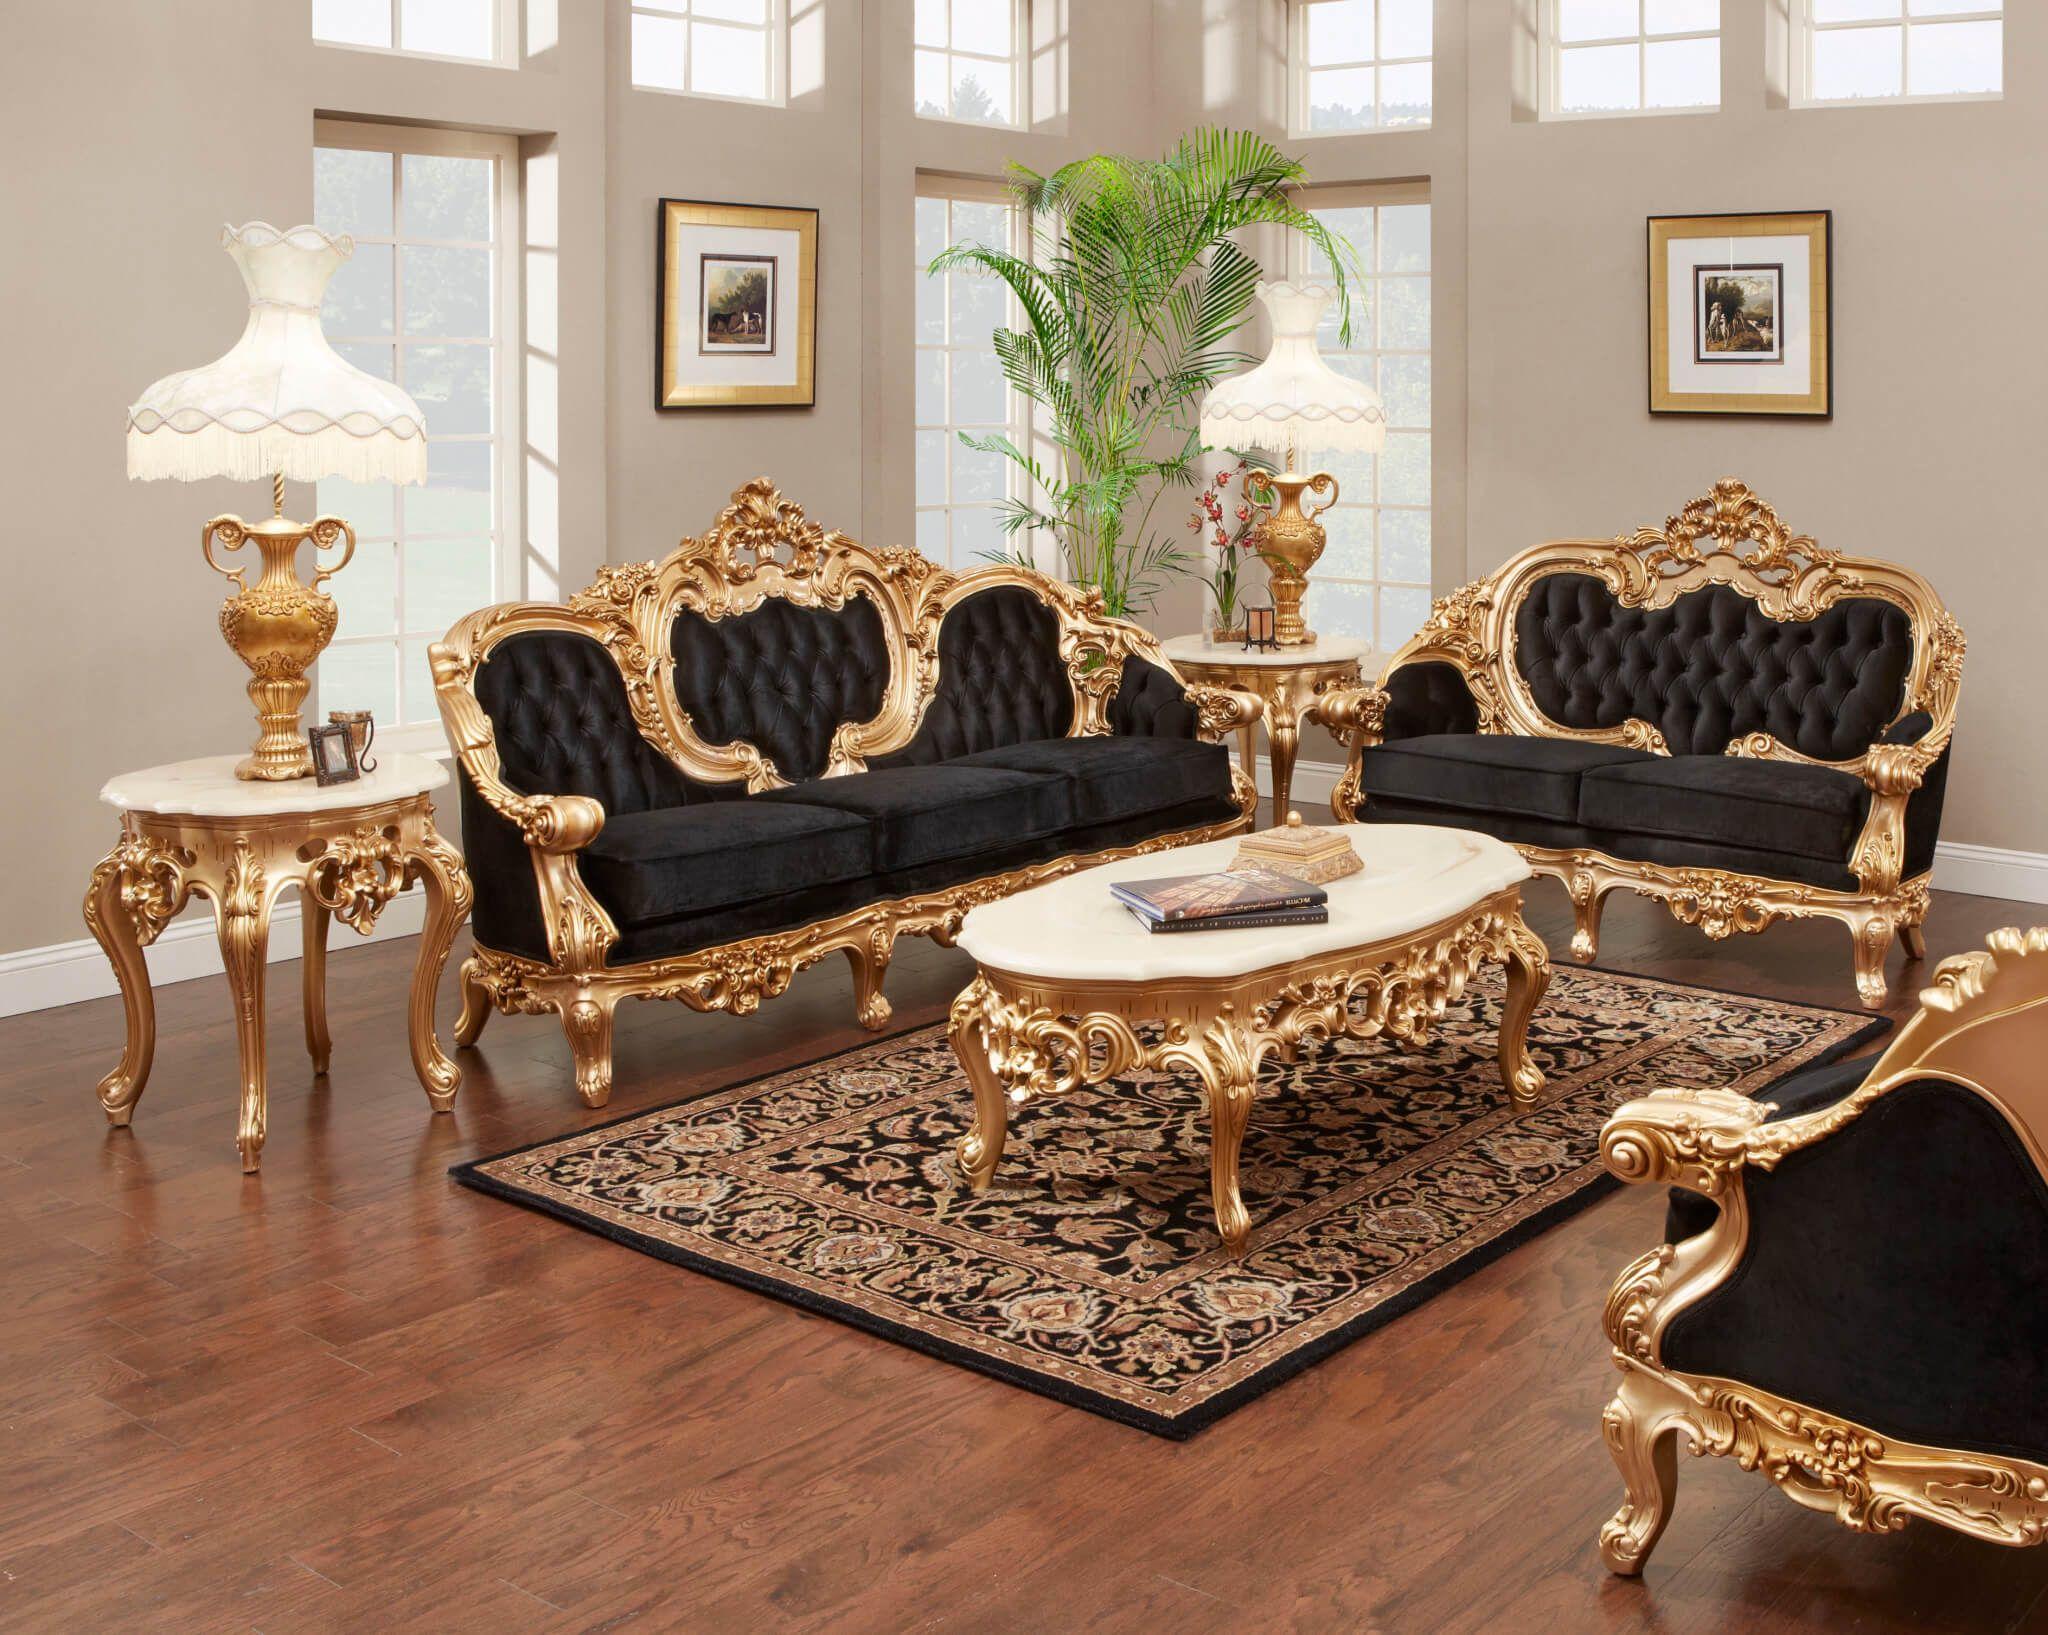 French Gold Leaf Living Room Set Antique Recreations Living Room Sets Furniture Modern Living Room Furniture Sets Antique Living Rooms